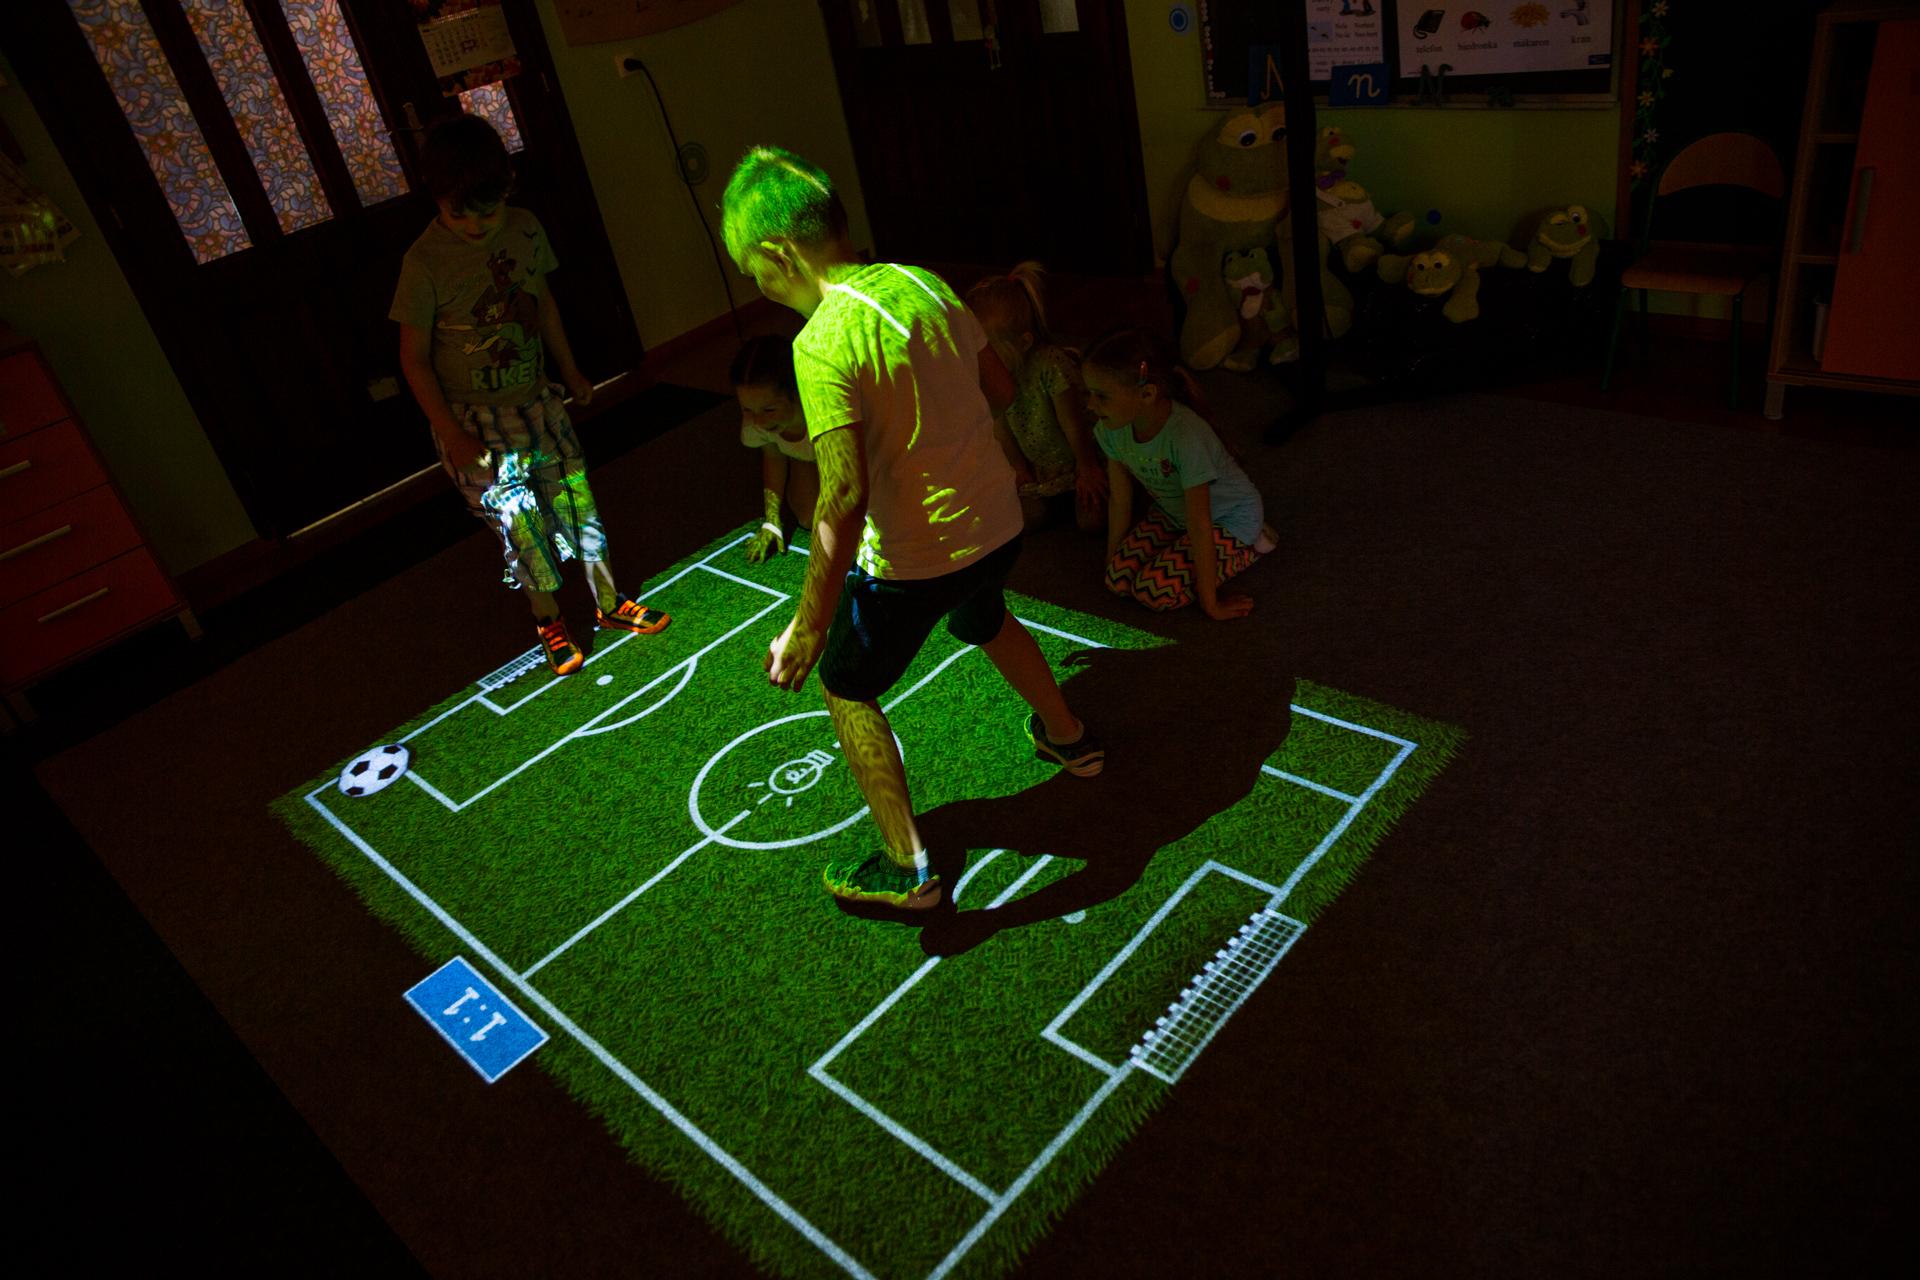 Jeu de football Lactell Media, un jeu vidéo sur projecteur